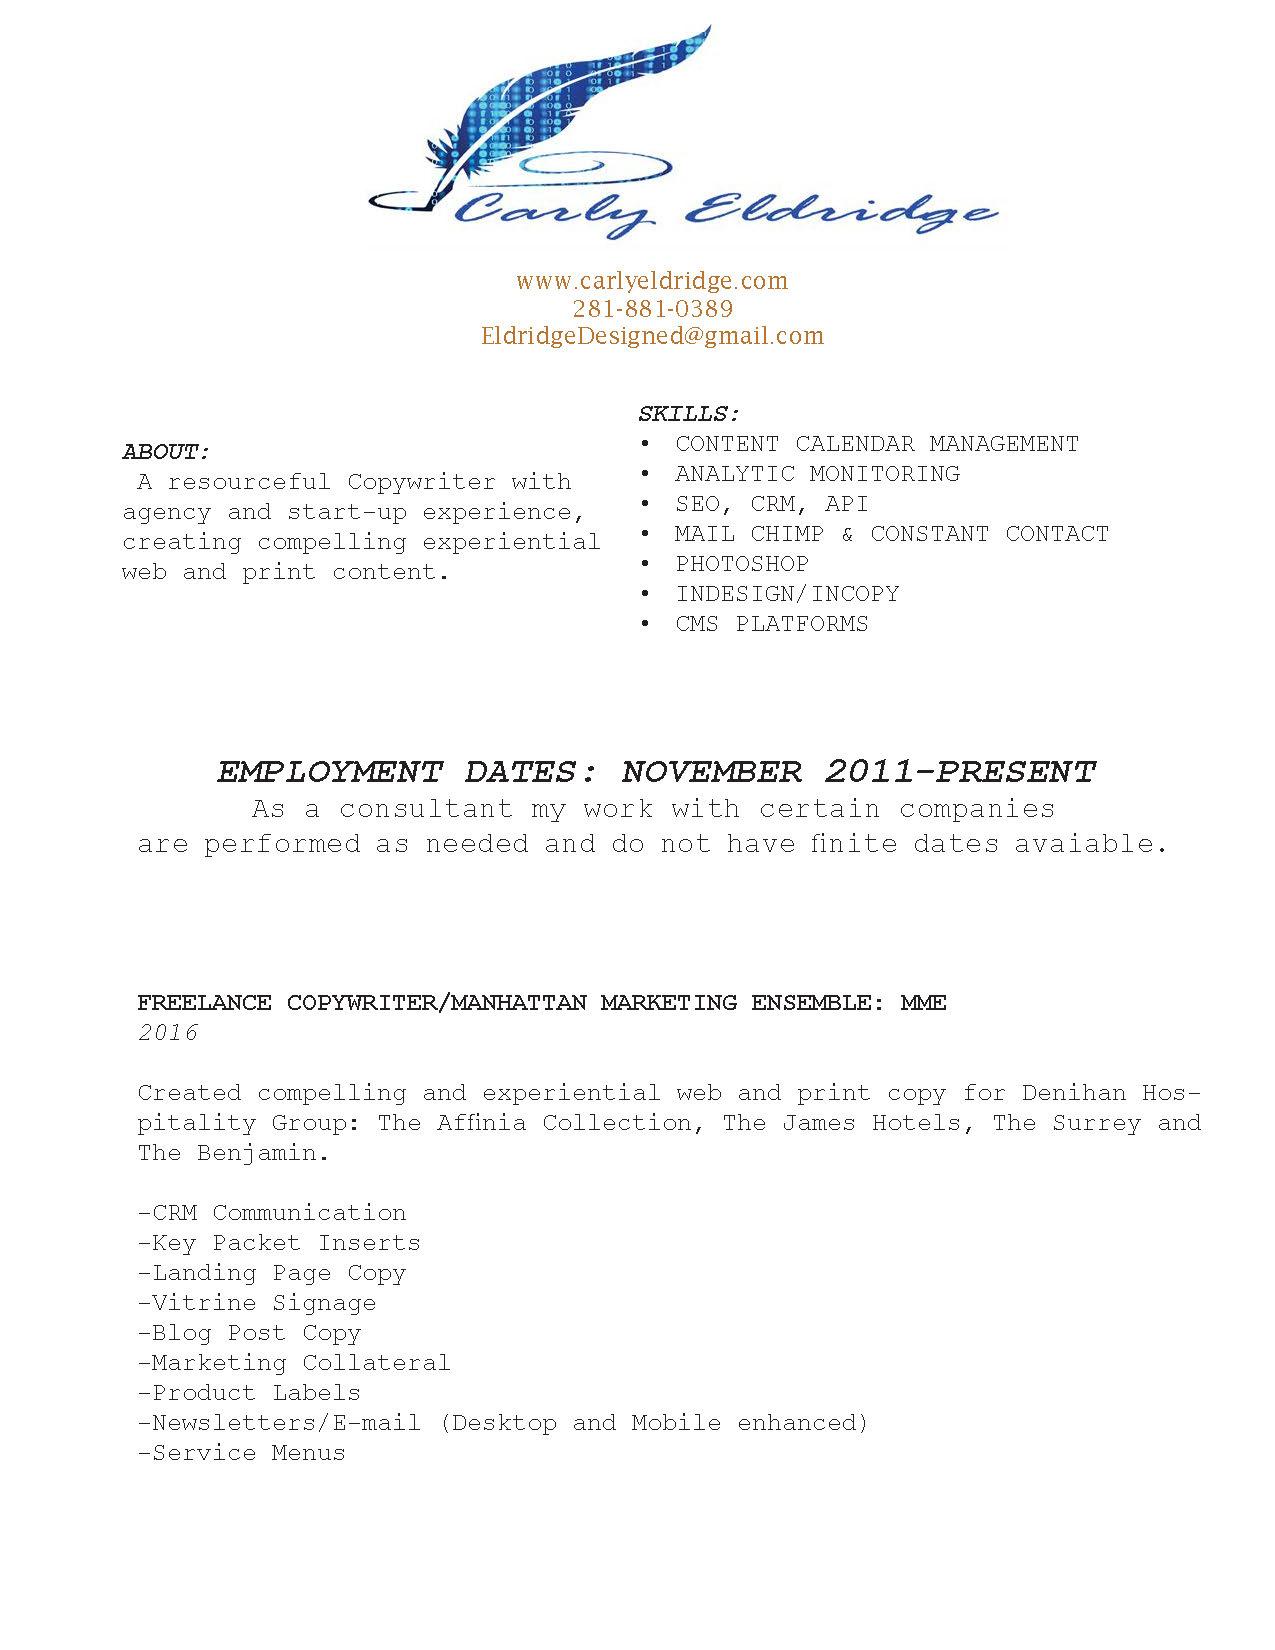 Carly_Eldridge.Resume_Page_1.jpg